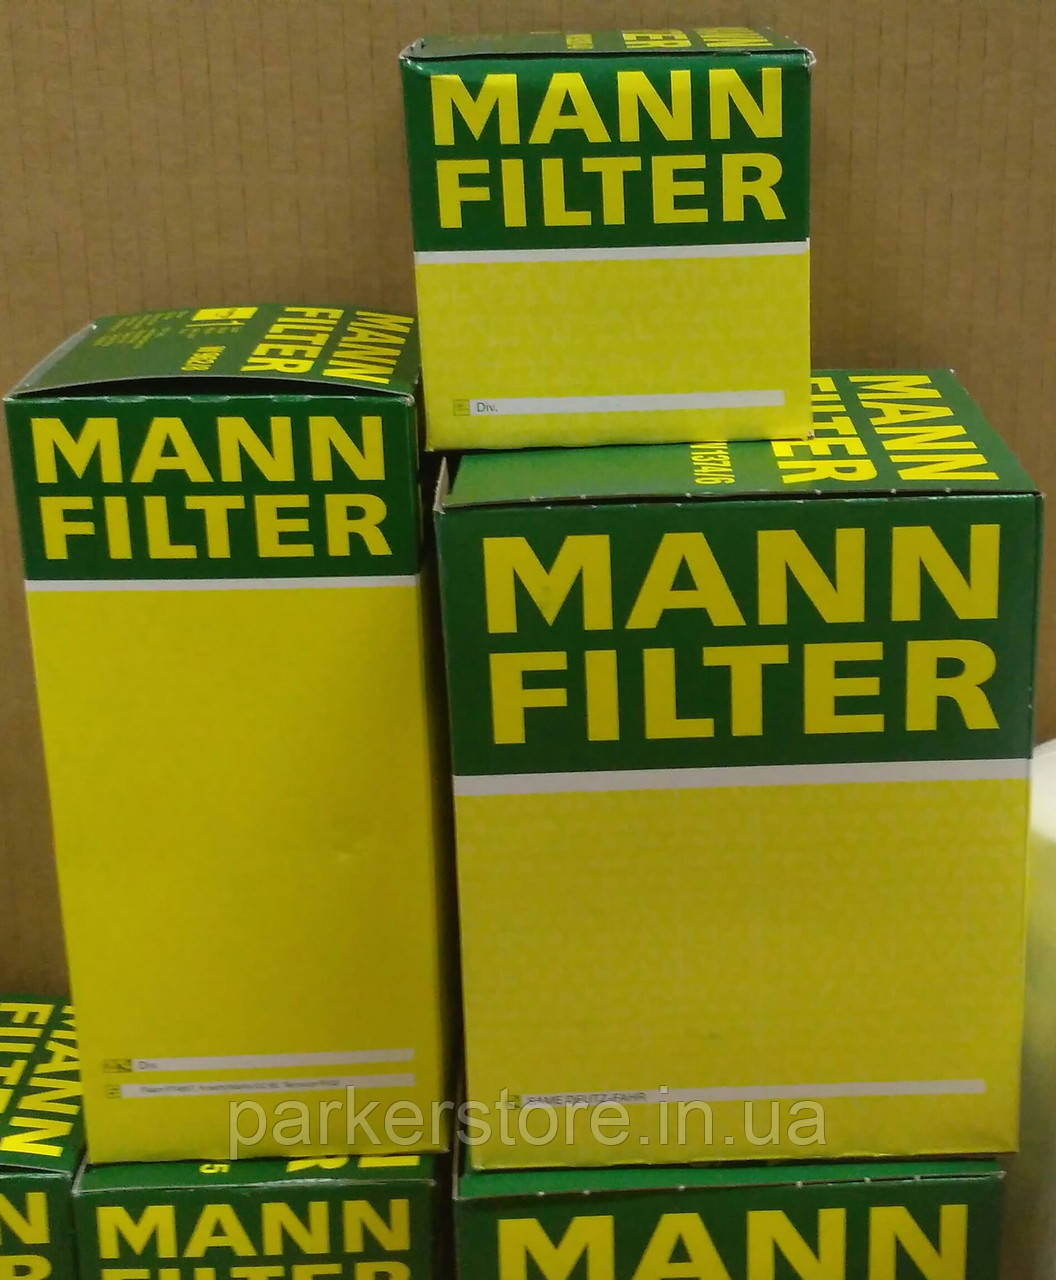 MANN FILTER / Повітряний фільтр / C 3055 / C3055